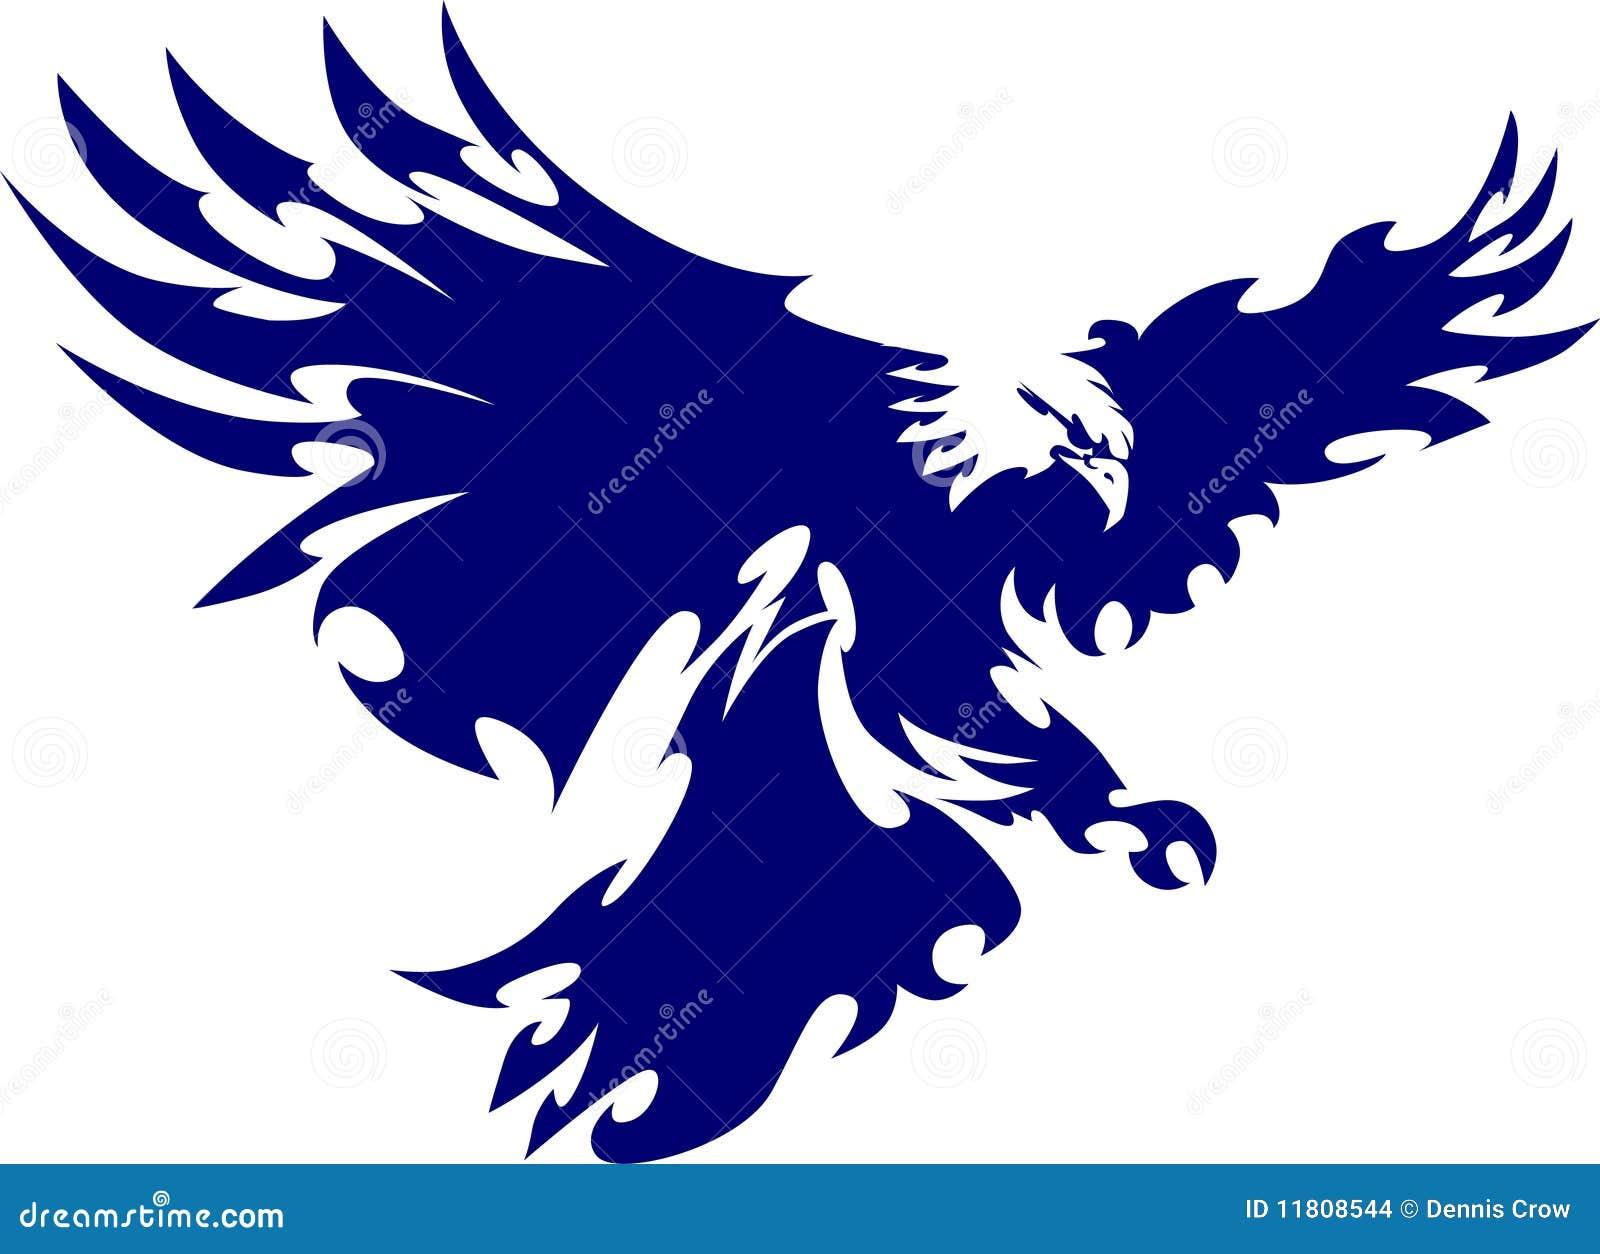 Flying Eagle Logo Stock Images - Image: 11808544